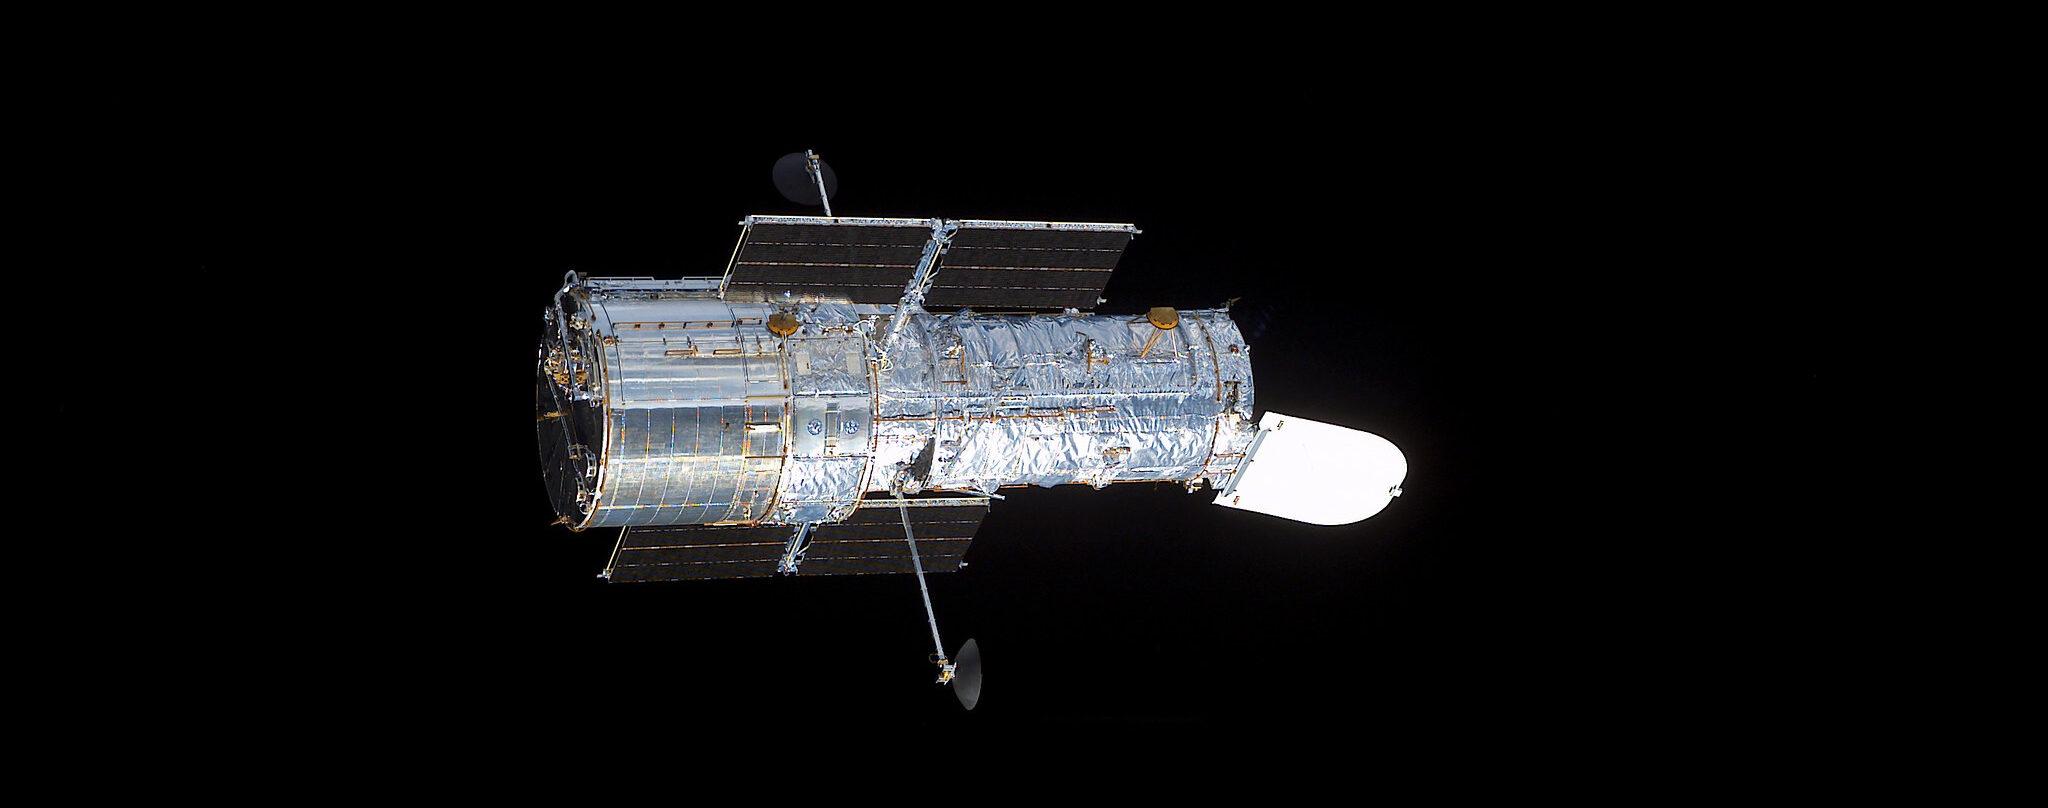 Teleskopy, czyli o fotografii w kosmosie